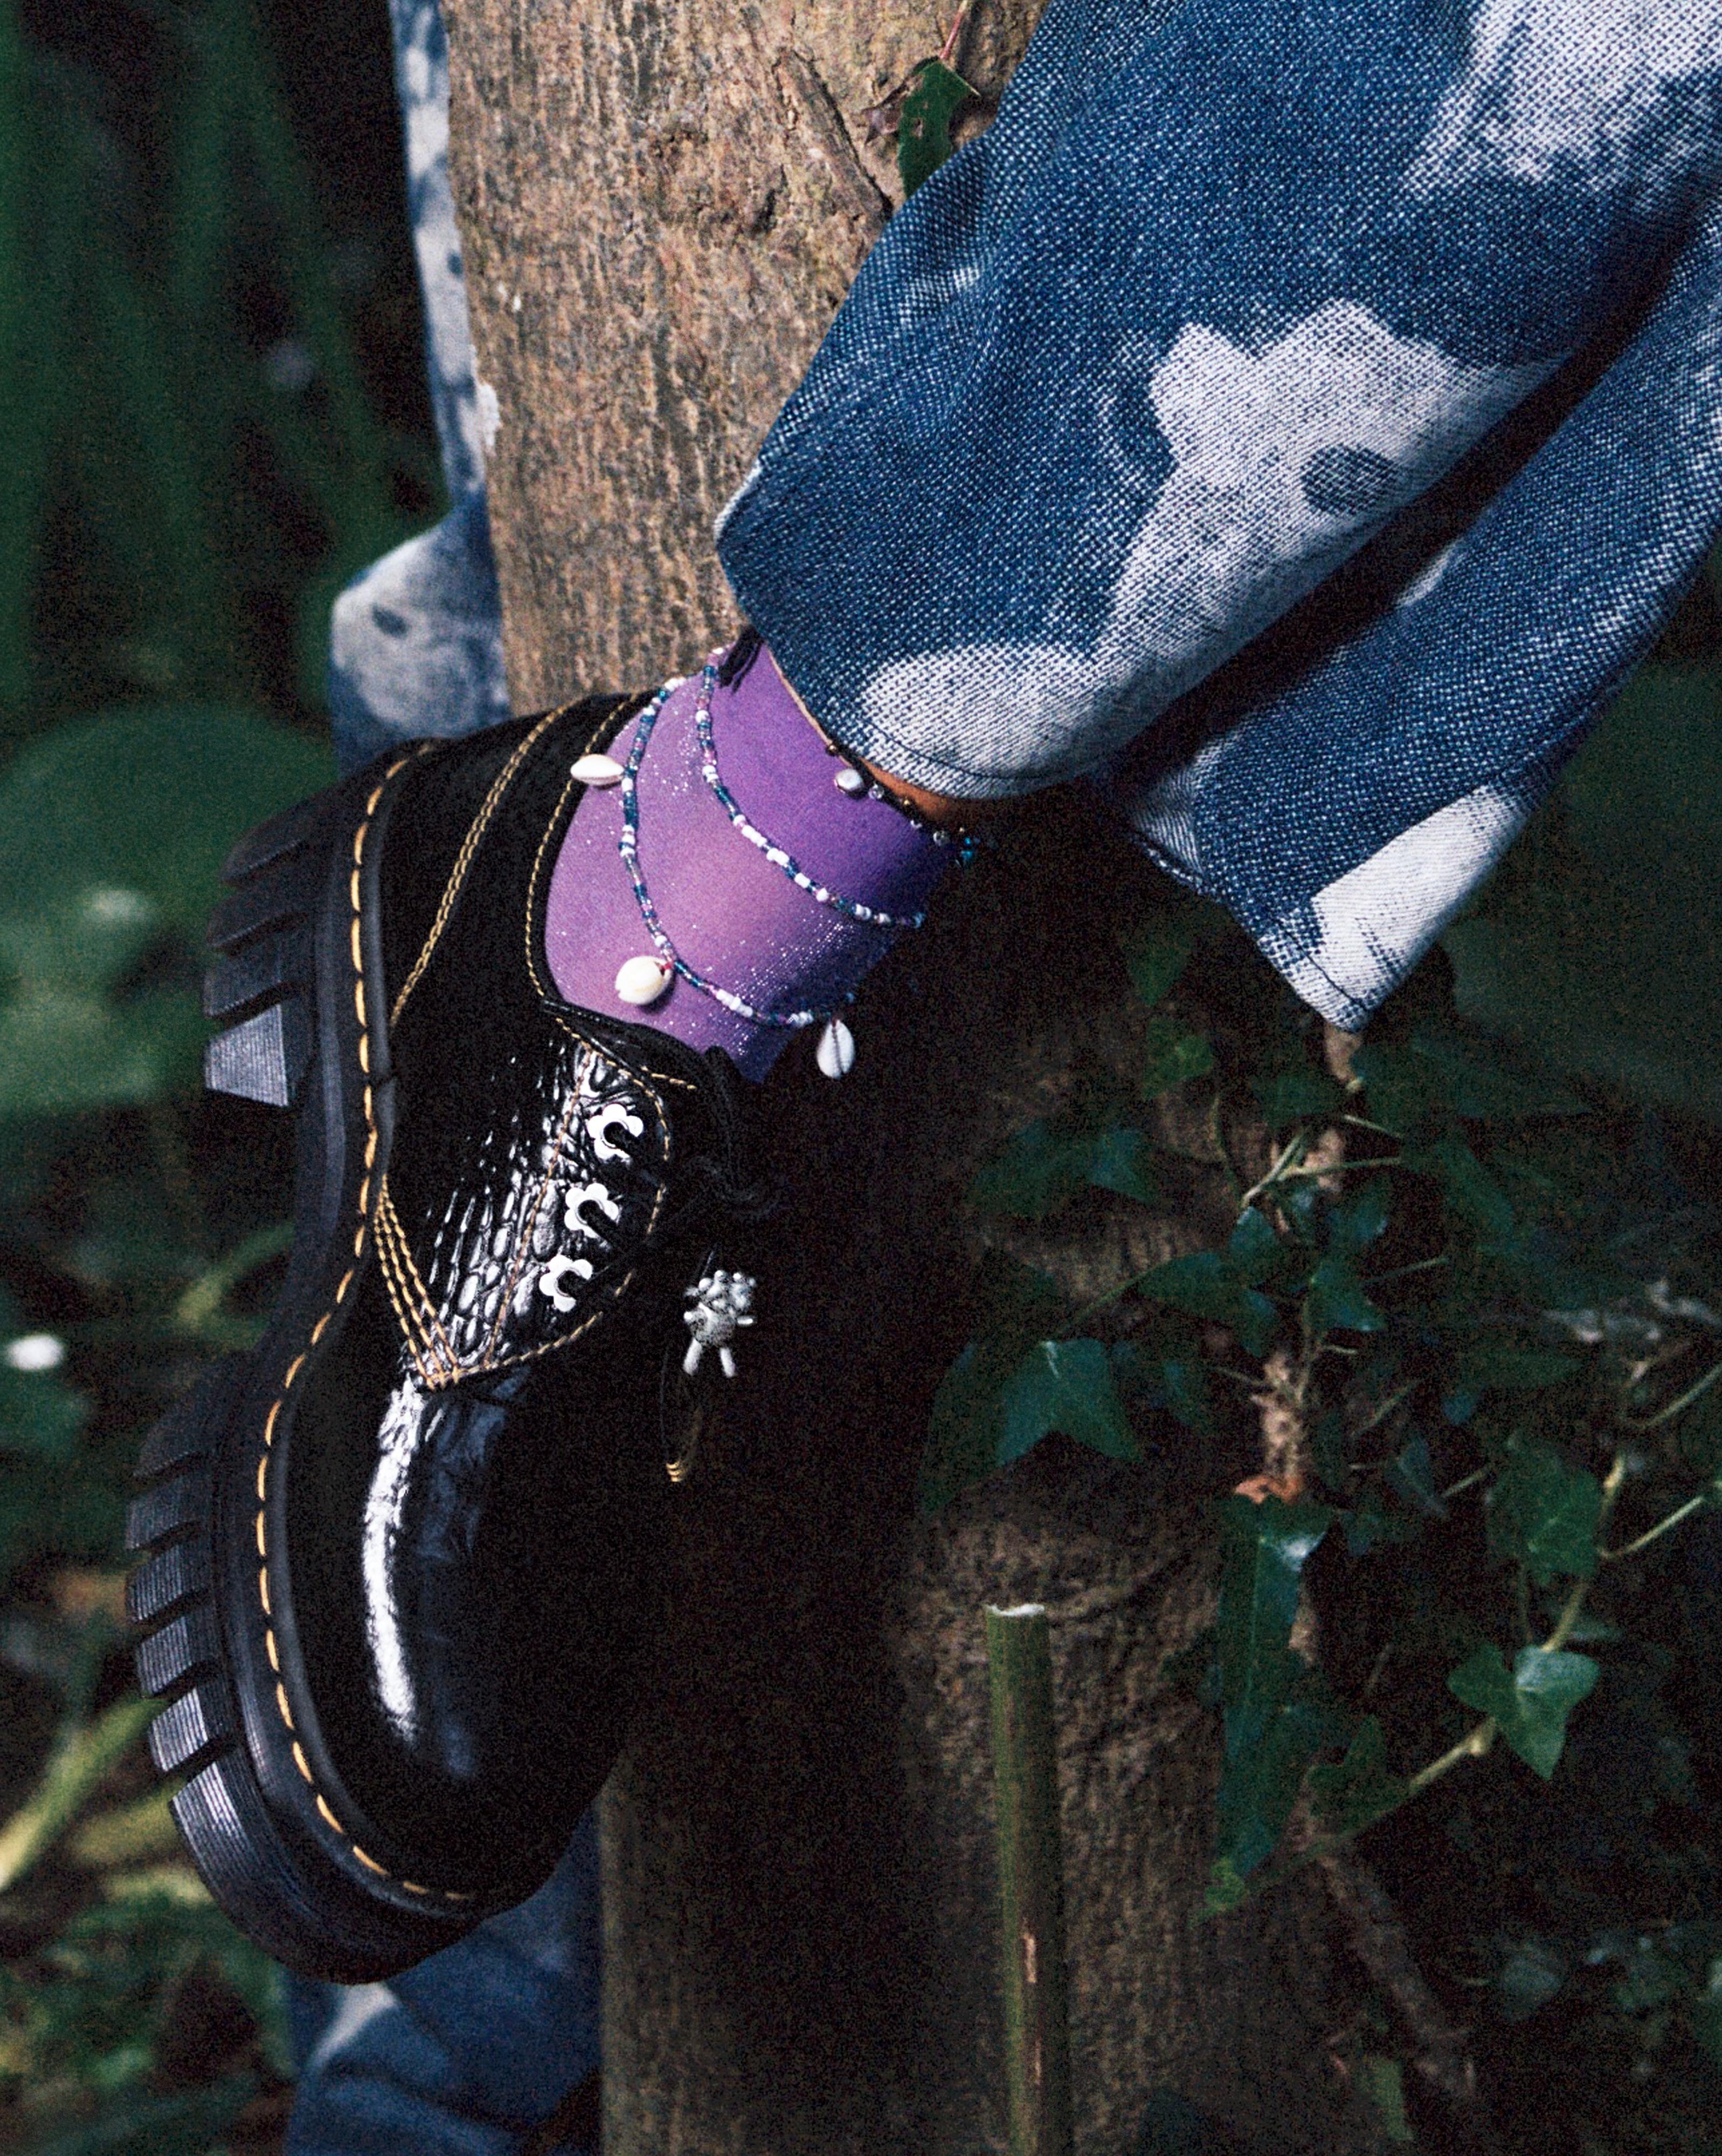 Dr. Martens x Heaven by Marc Jacobs' Audrick 3i HMJ Croc shoe